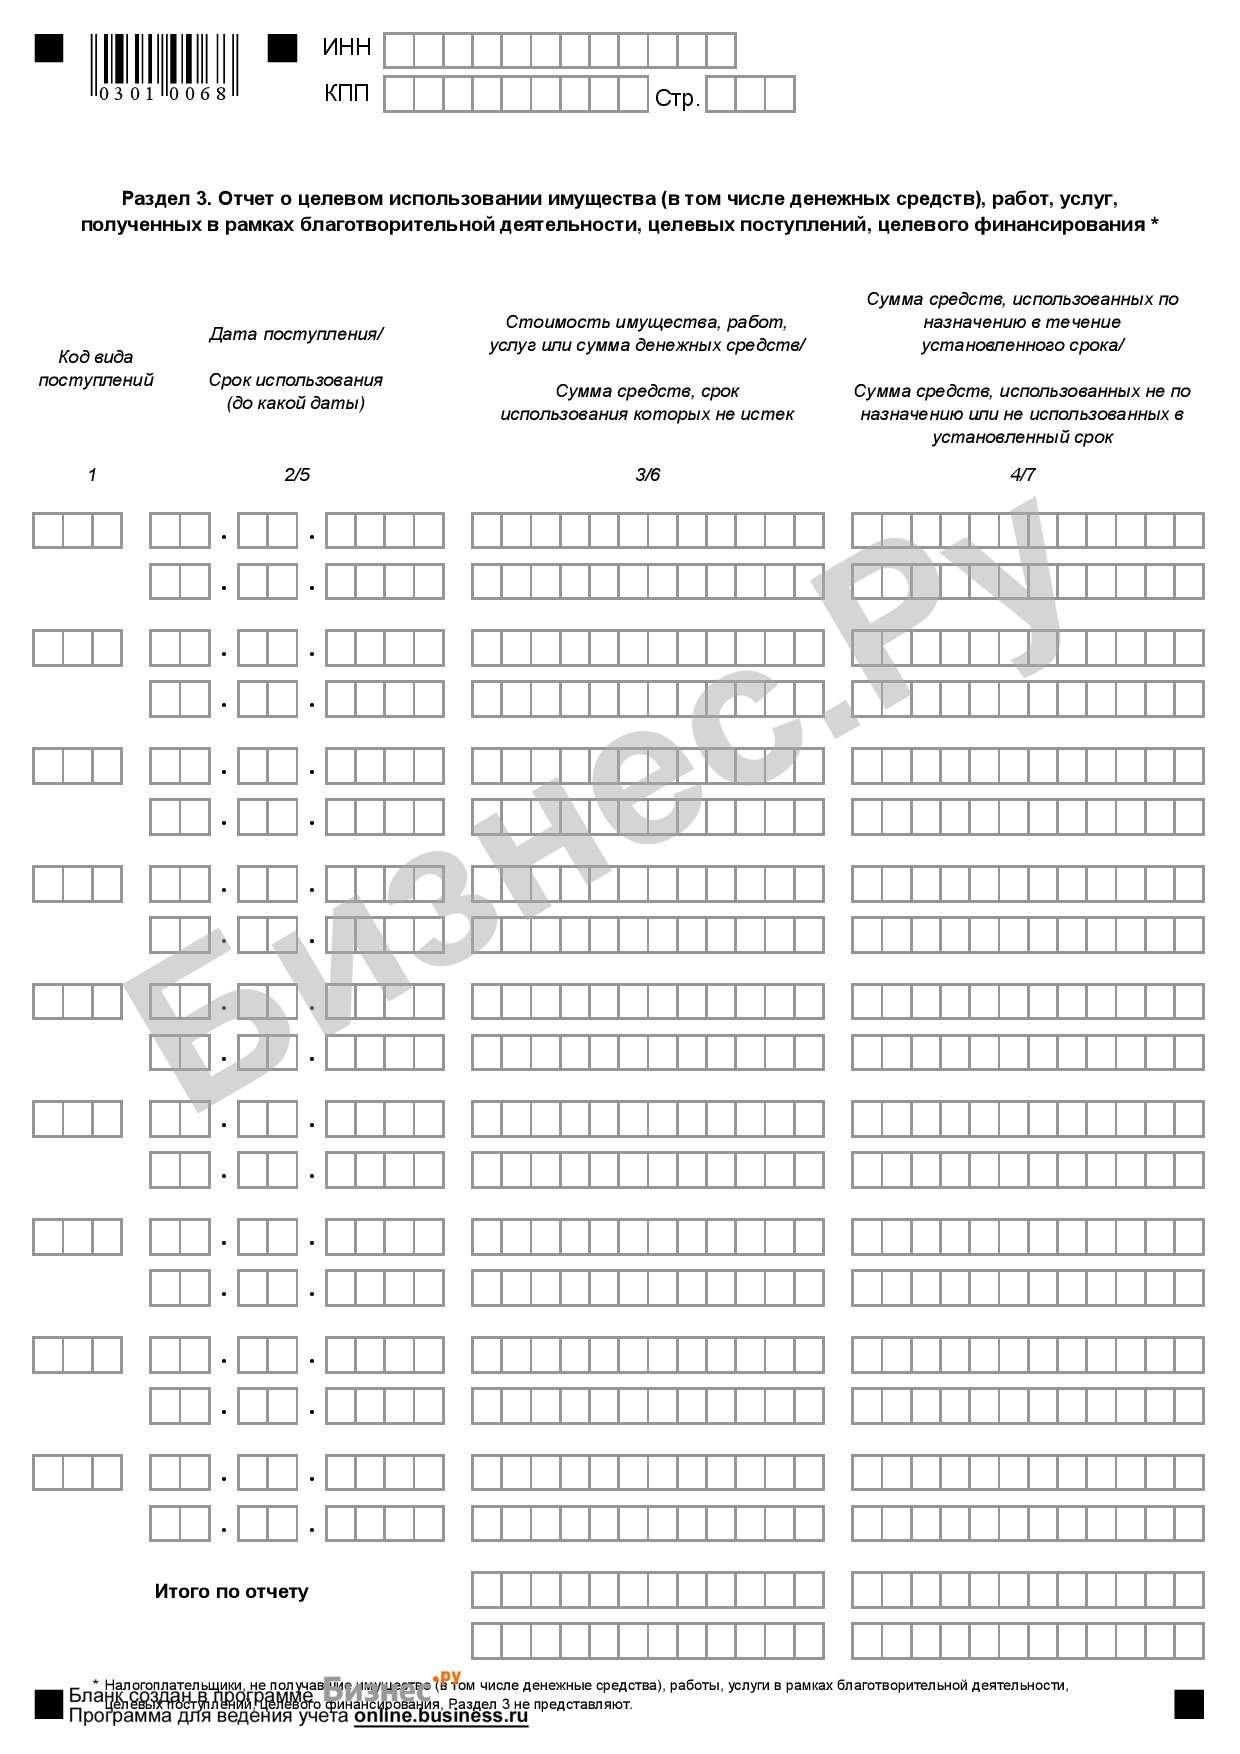 бланк налоговой декларации по усн за 2014 год для ип